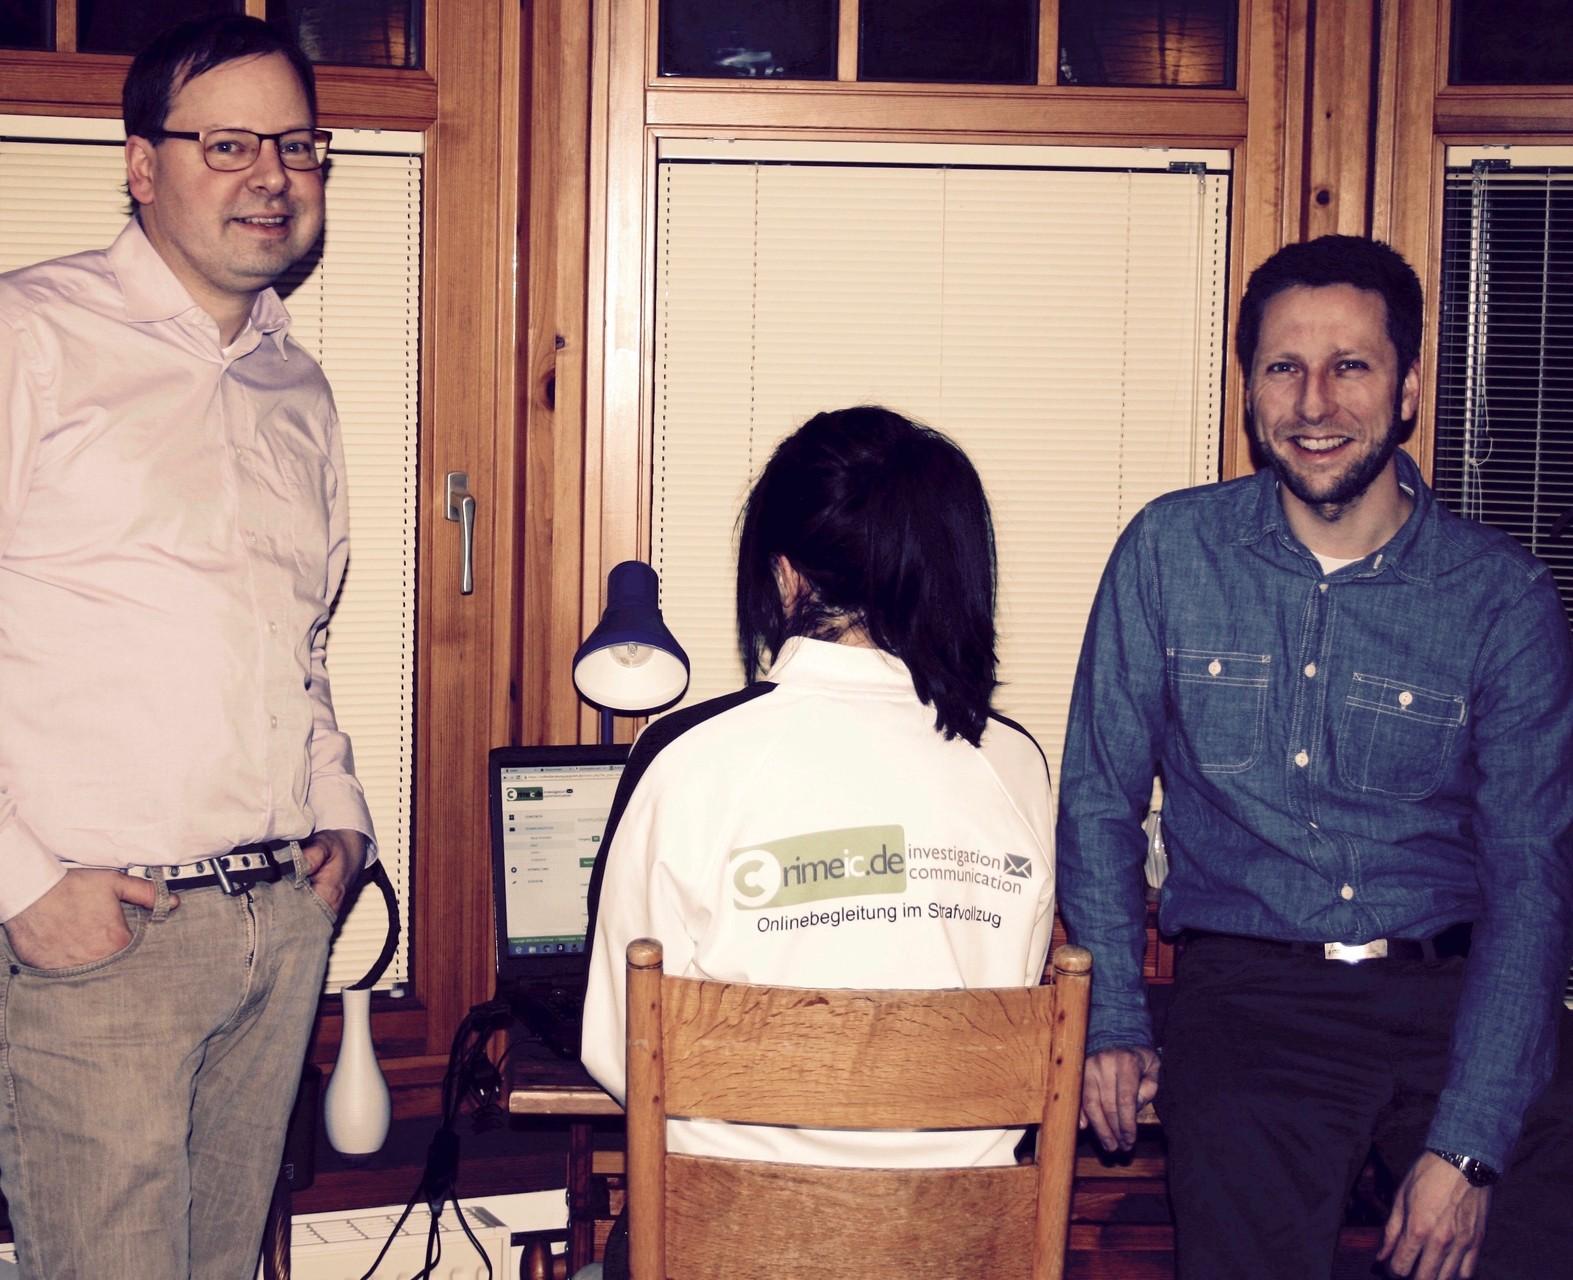 Die beiden Projektleiter und Gründer von crimeic.de (von links nach rechts): Peter Lutz Kalmbach & Tim Krenzel (Bildquelle: © crimeic.de)